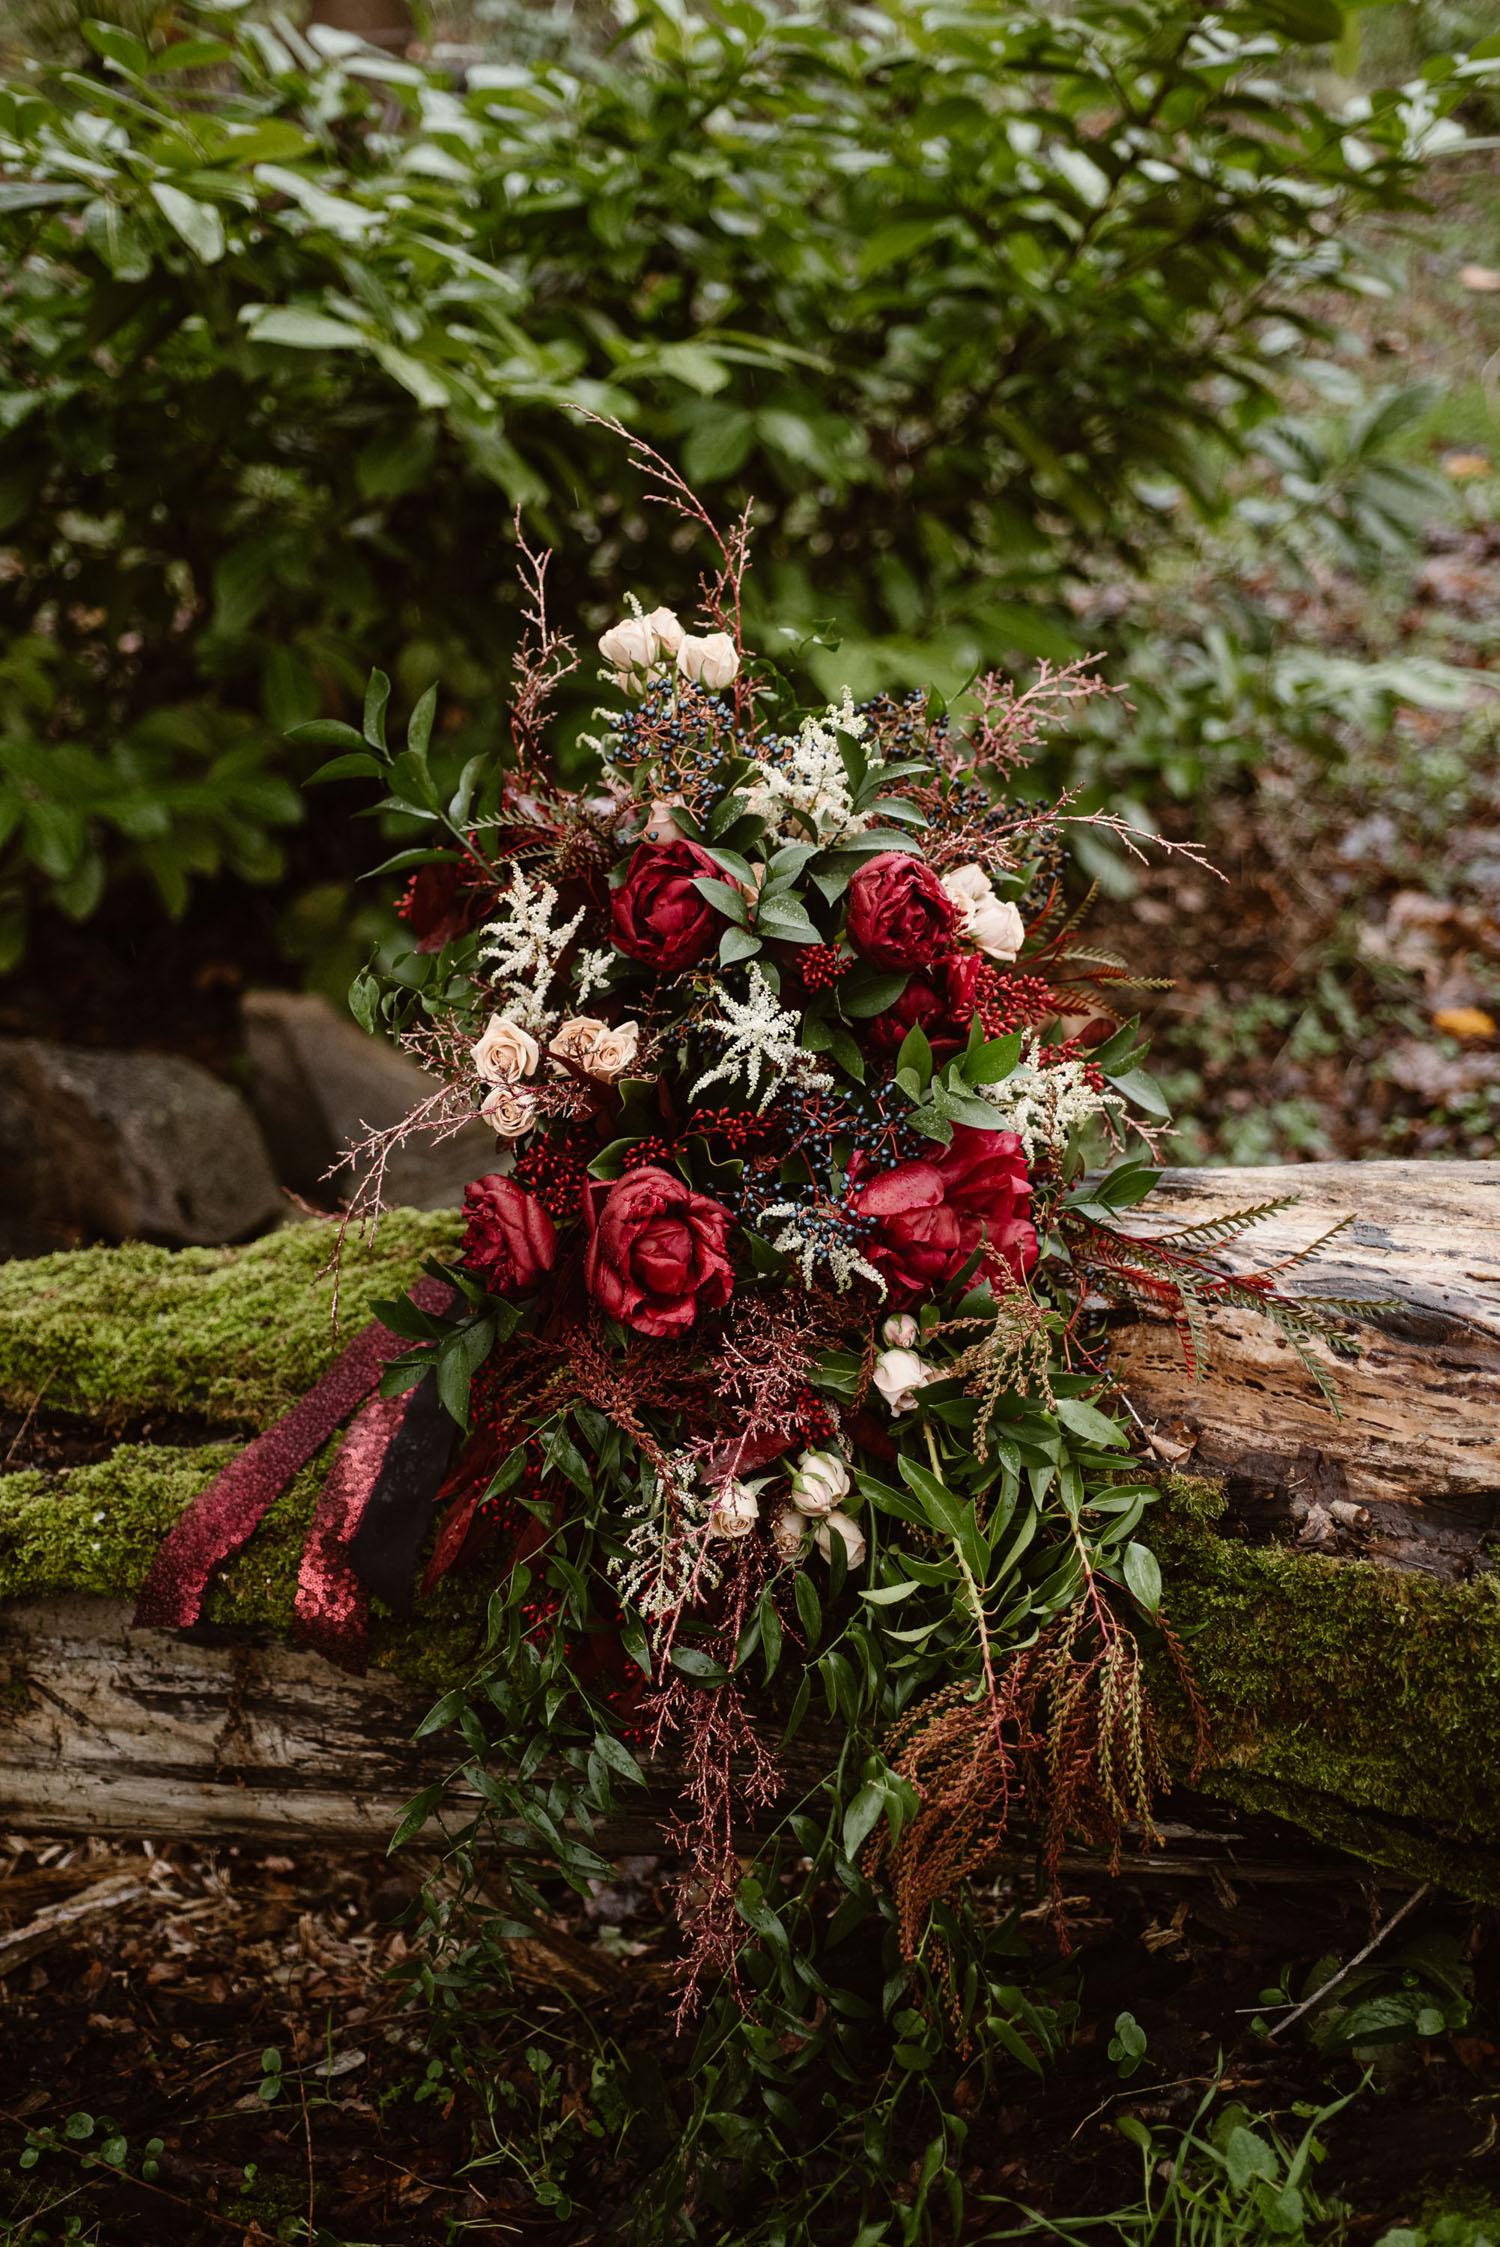 kastanienbrauner Rosenstrauß